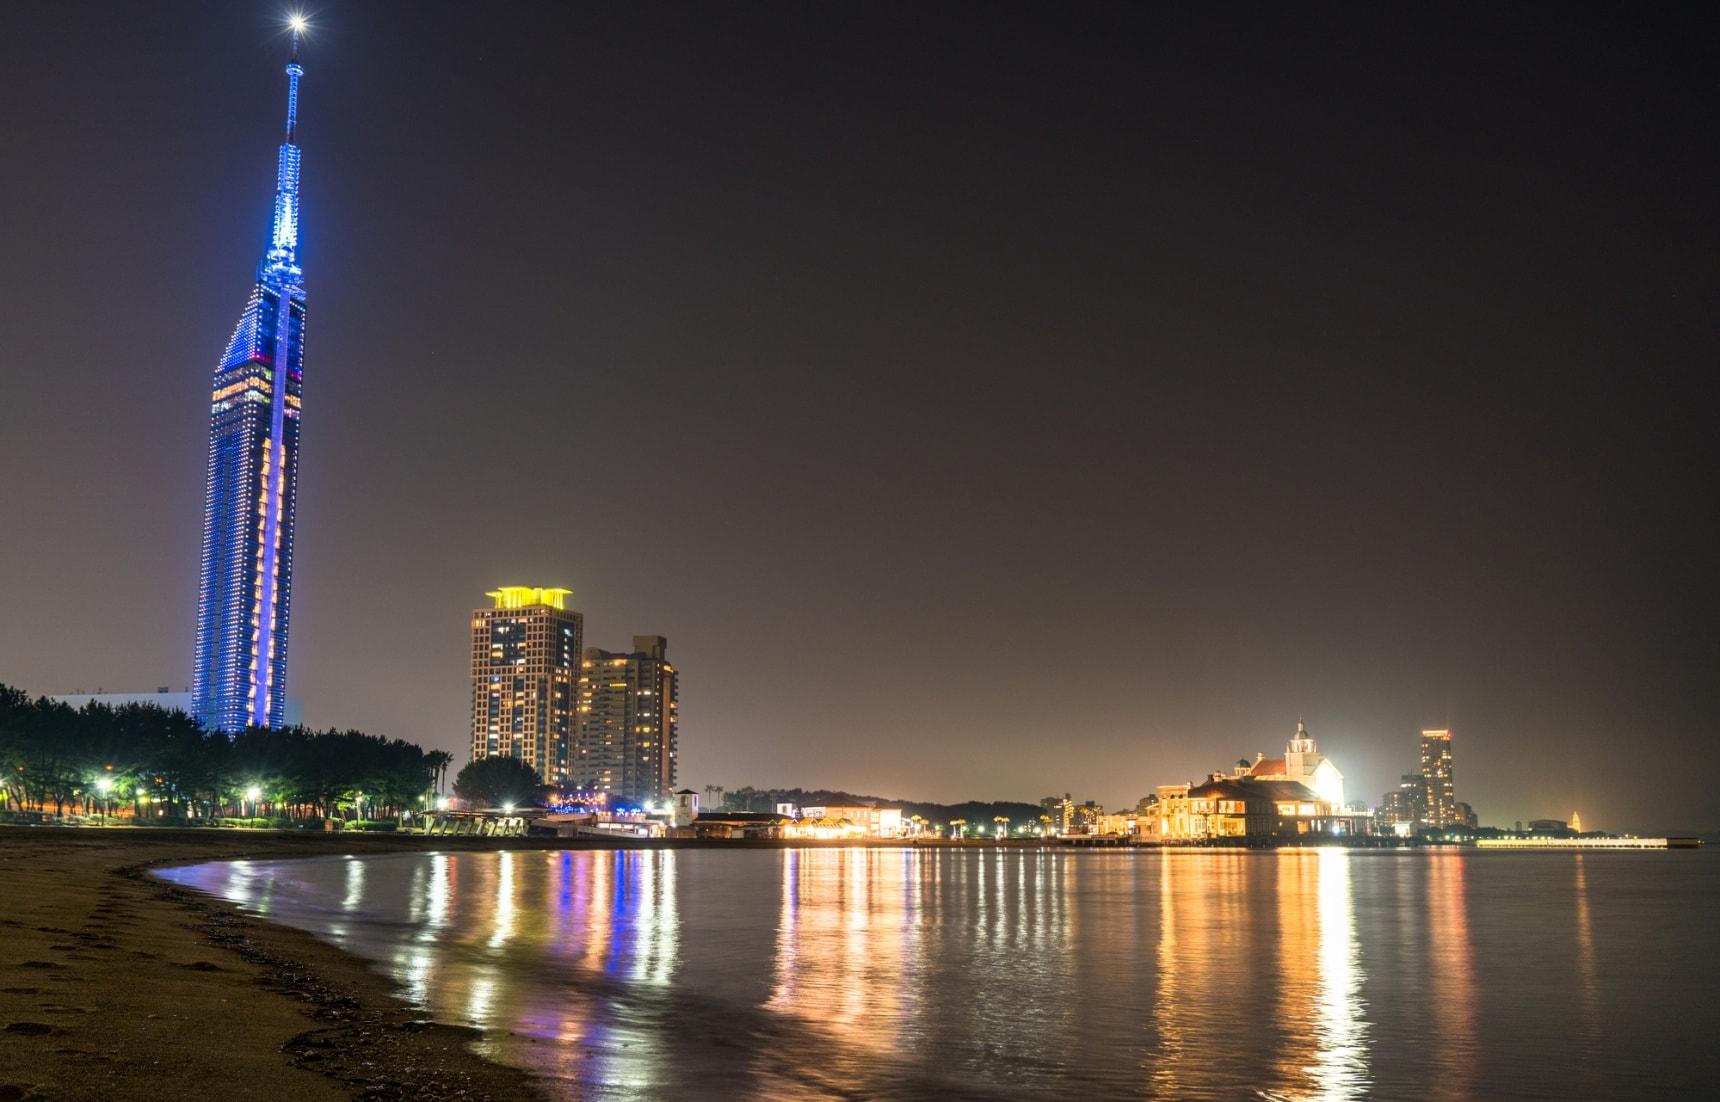 ชมวิวเมืองหลวงแห่งภาคใต้ ฟุกุโอกะทาวเวอร์